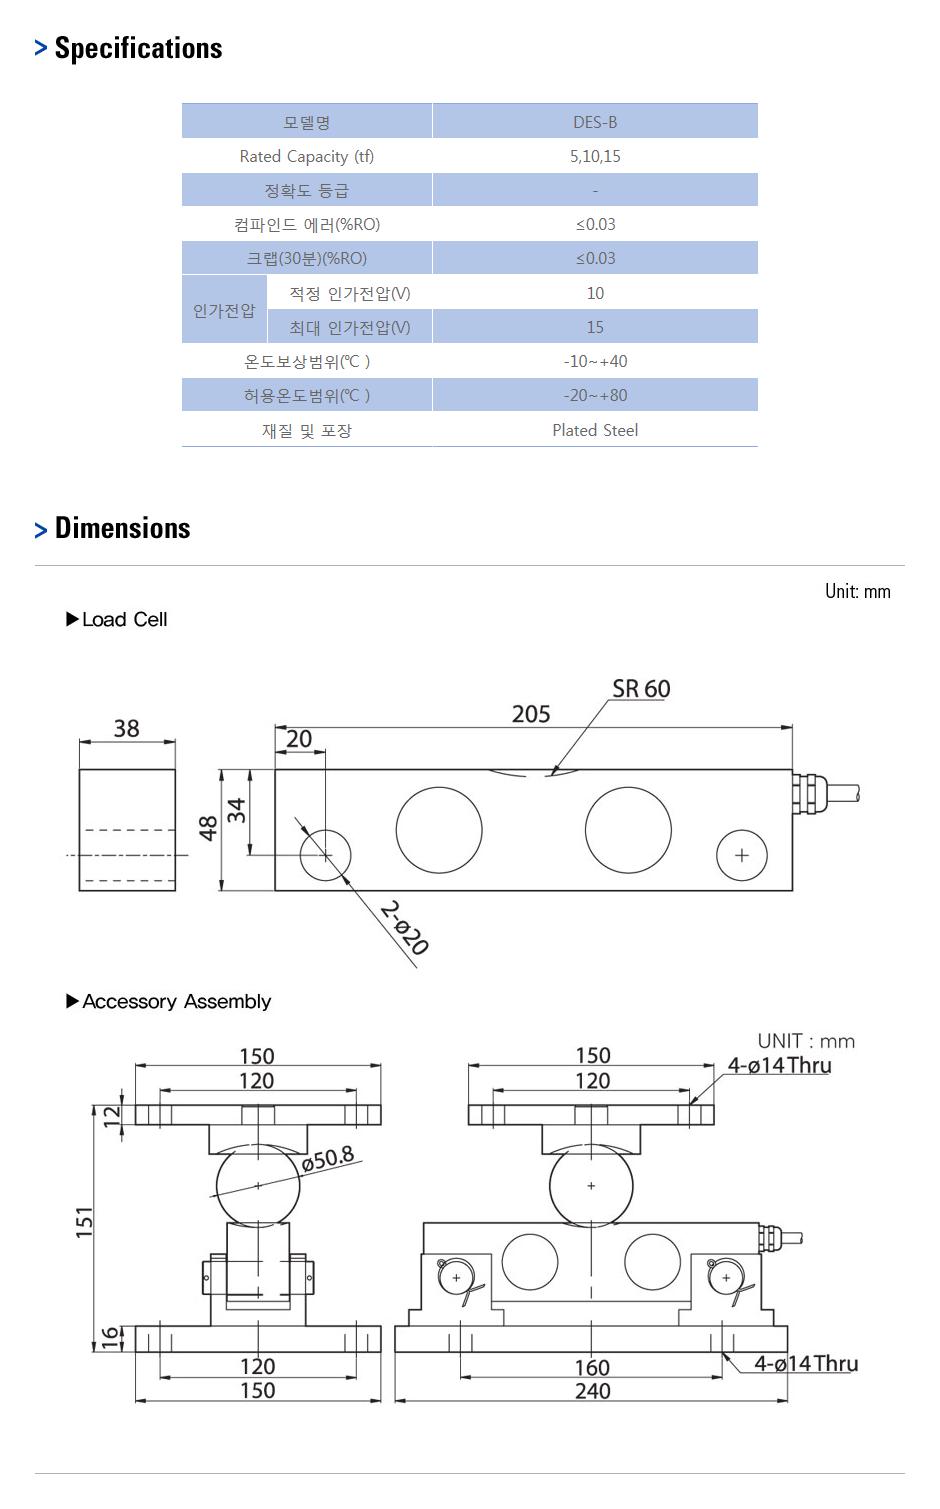 카스 로드셀 - Truck & Tank weighing 타입  10